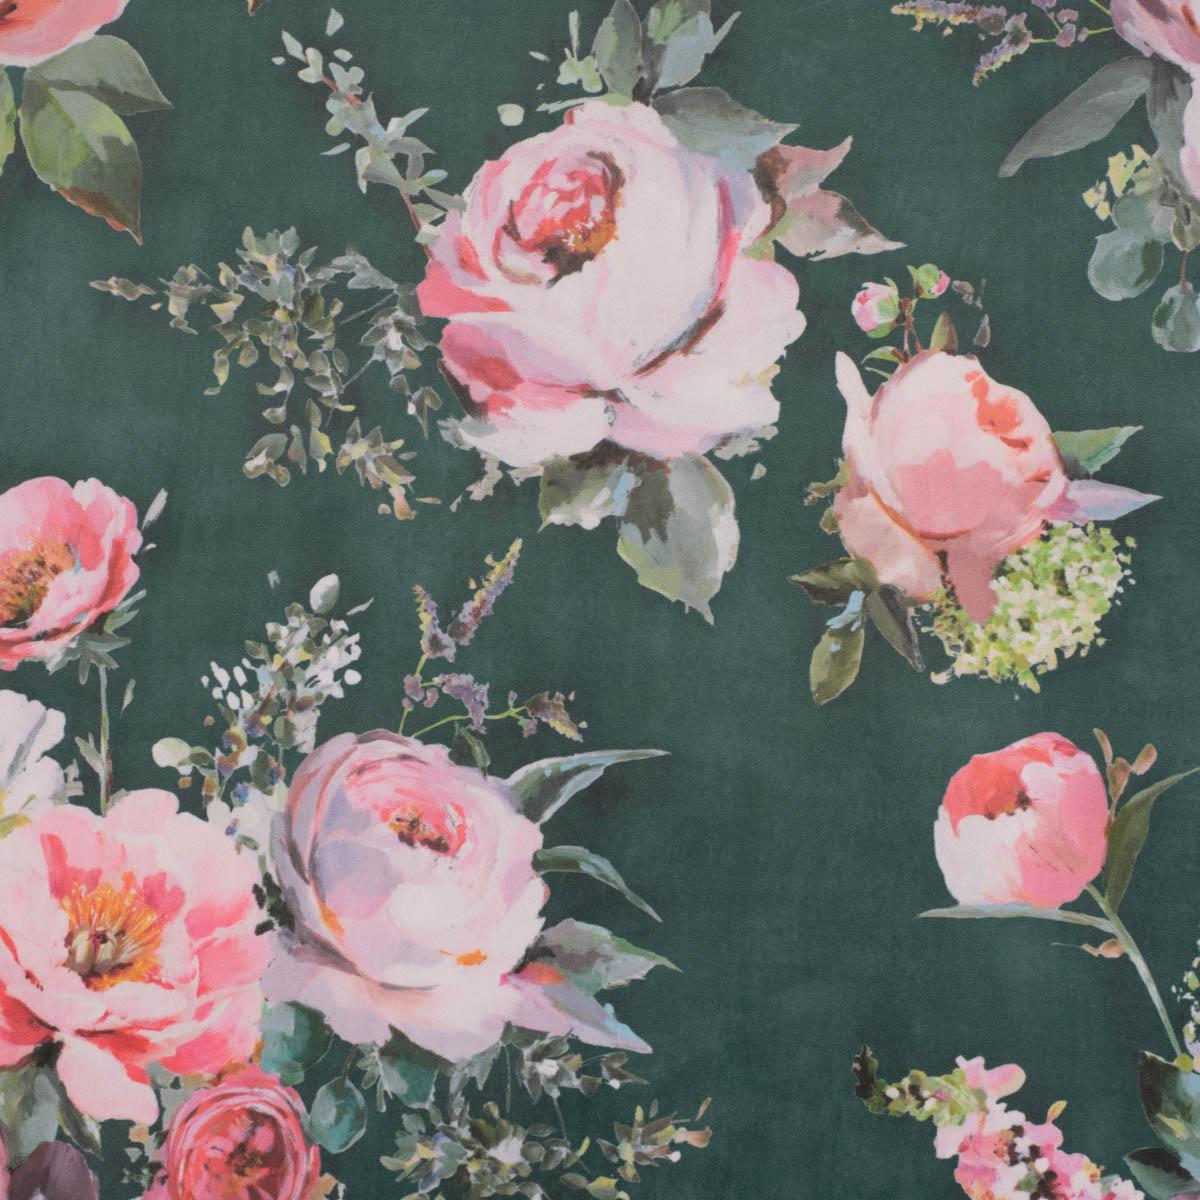 Samtstoff Polsterstoff Deko Velvet Deluxe Roses Delicate Painting Rosen grün rosa 1,40m